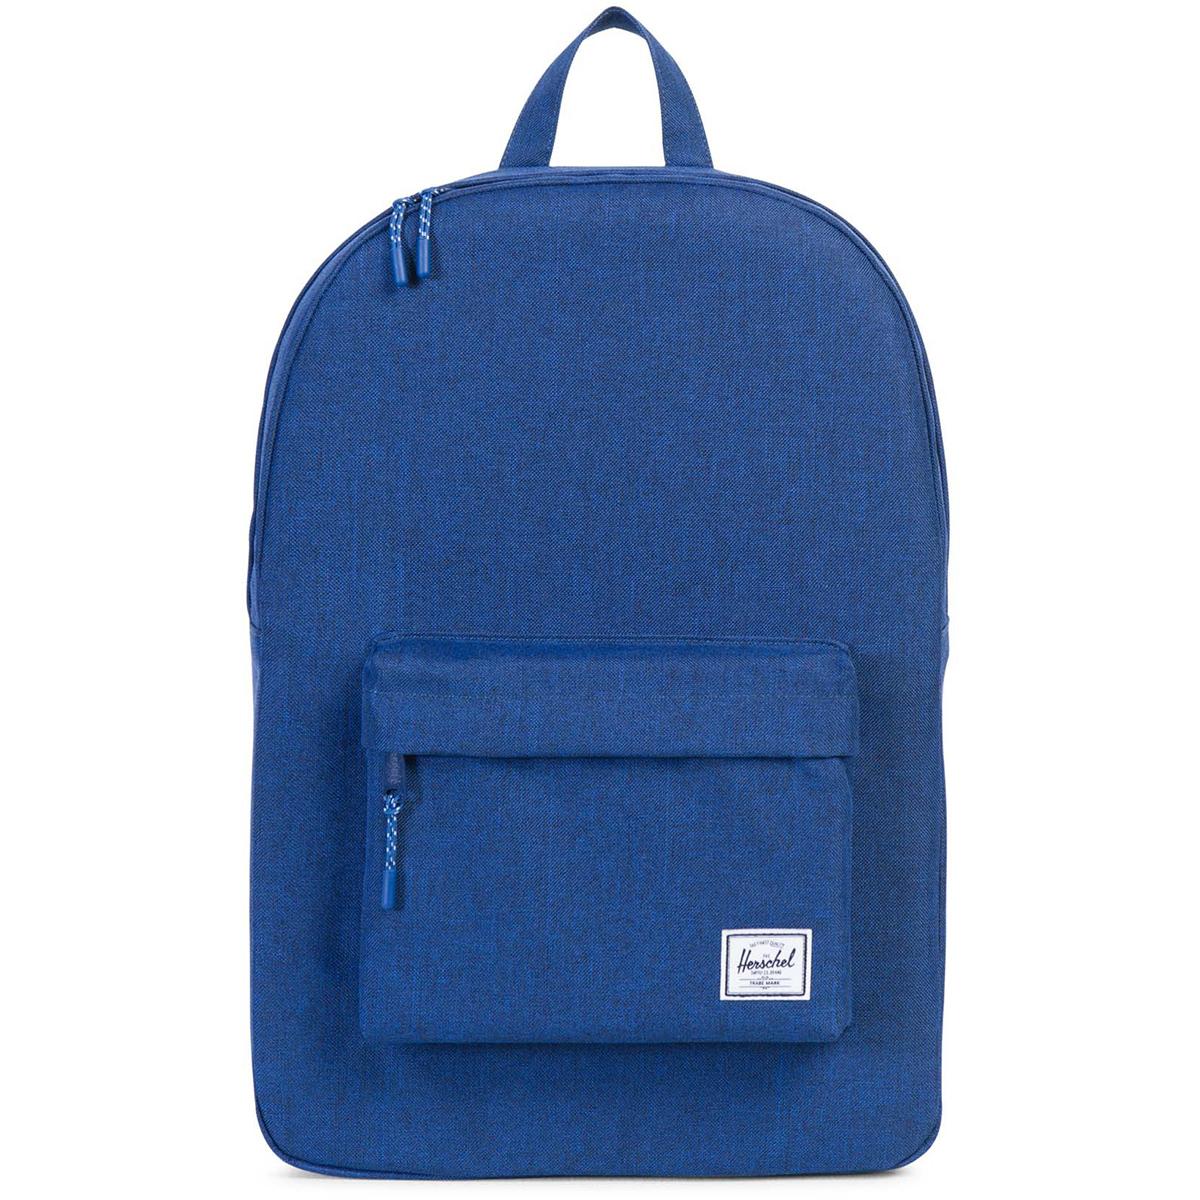 Рюкзак городской Herschel Classic (A/S), цвет: синий. 828432122561828432122561Рюкзак Herschel Classic целиком и полностью оправдывает свое название, выражая совершенство в лаконичных и идеальных линиях. Этот рюкзак создан для любых целей и поездок и отлично впишется в абсолютно любой стиль.